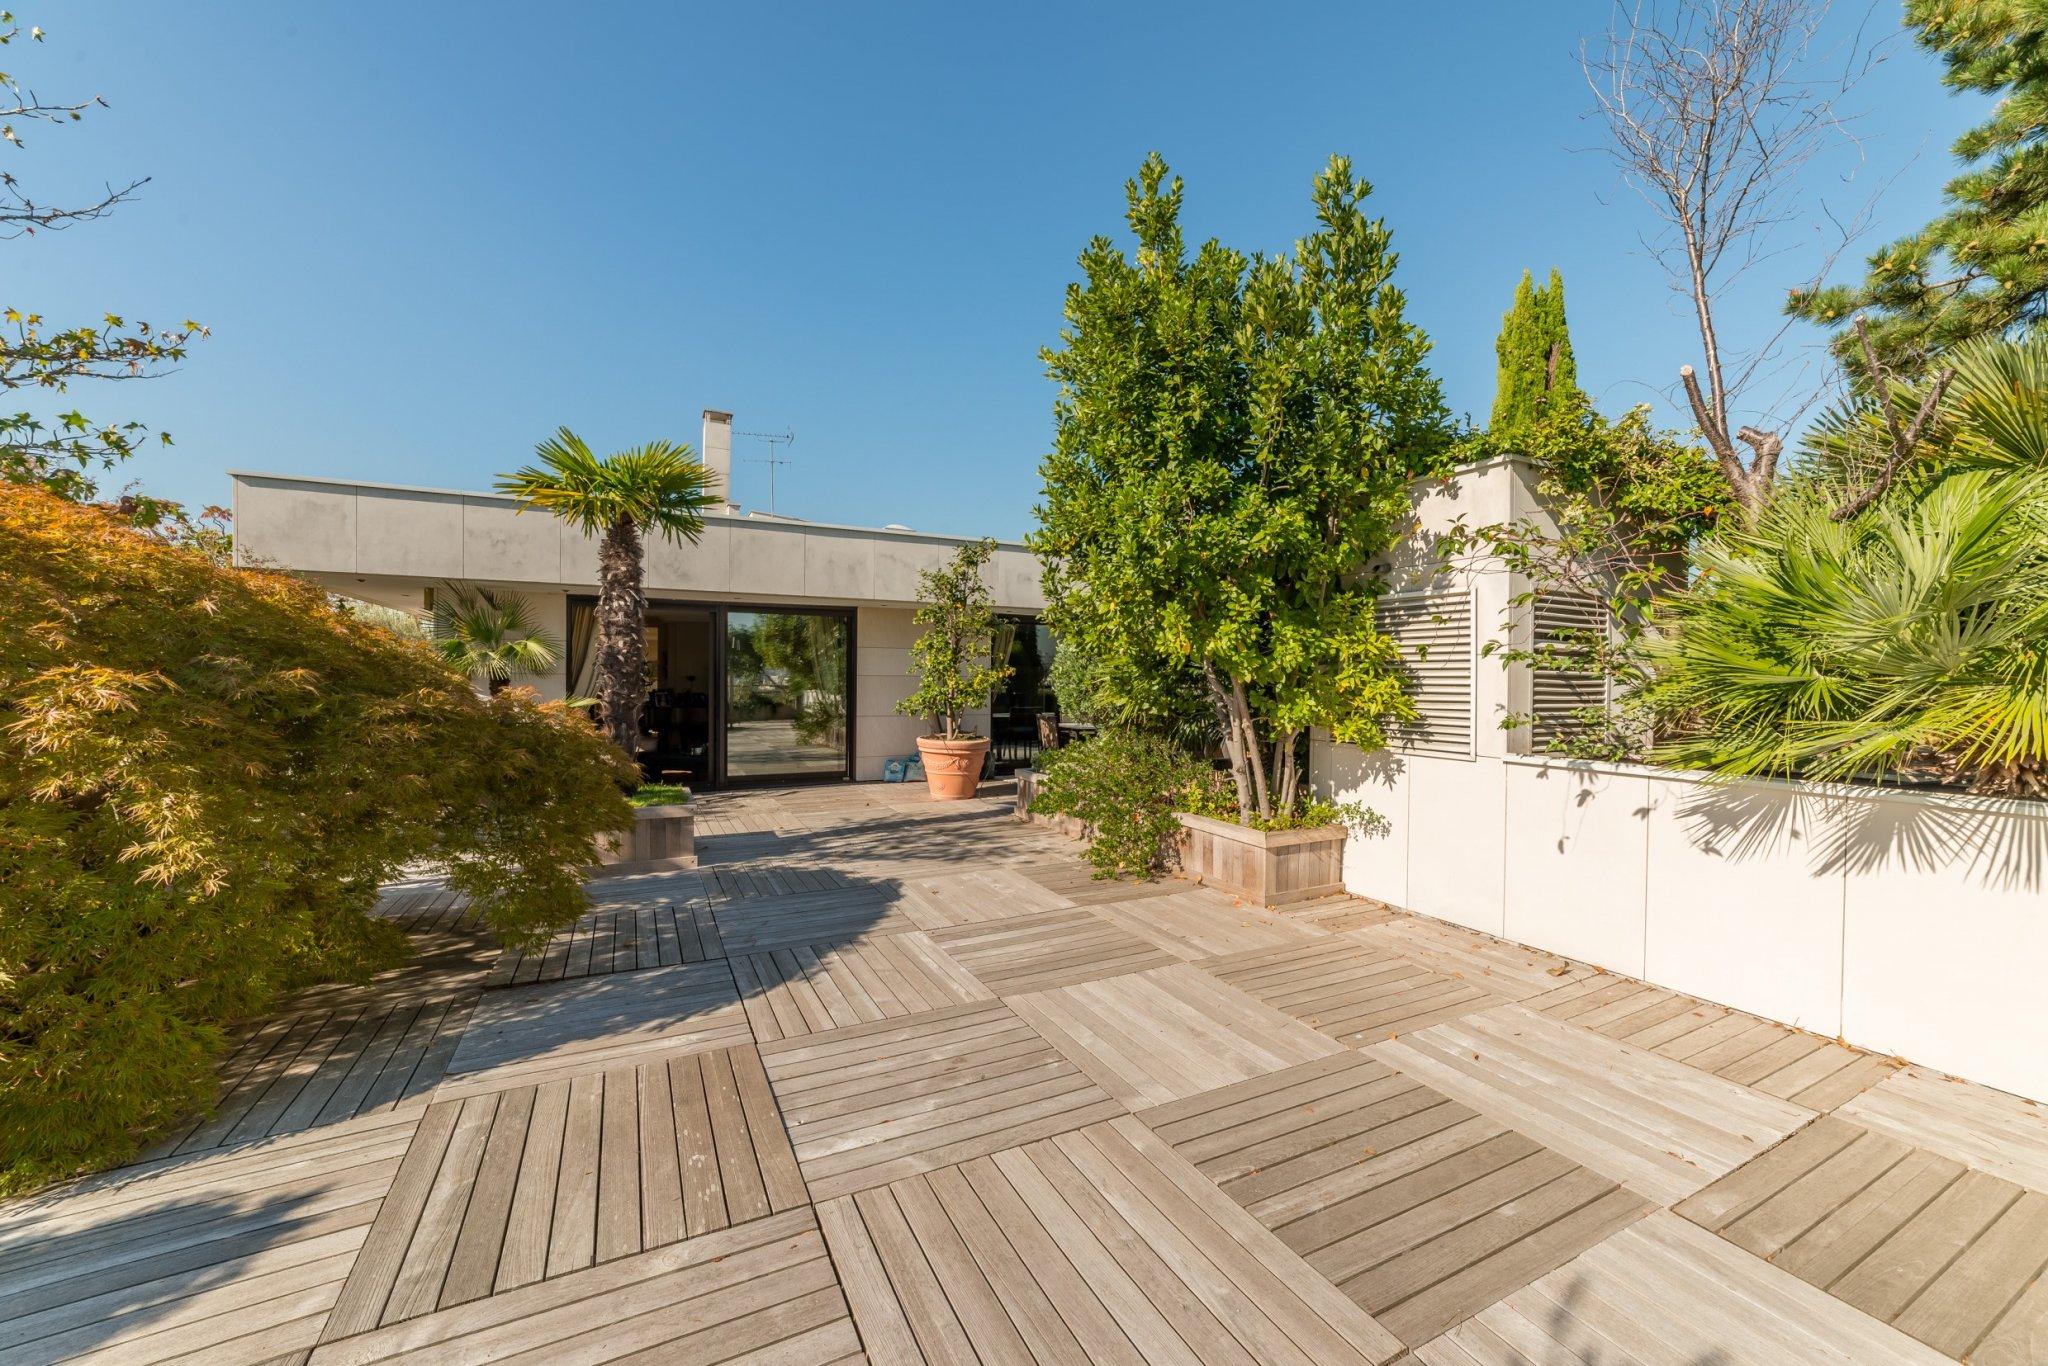 Paris / Appartement Penthouse de 270M². Terrasse 300M². Ile de la Jatte. 4790000€